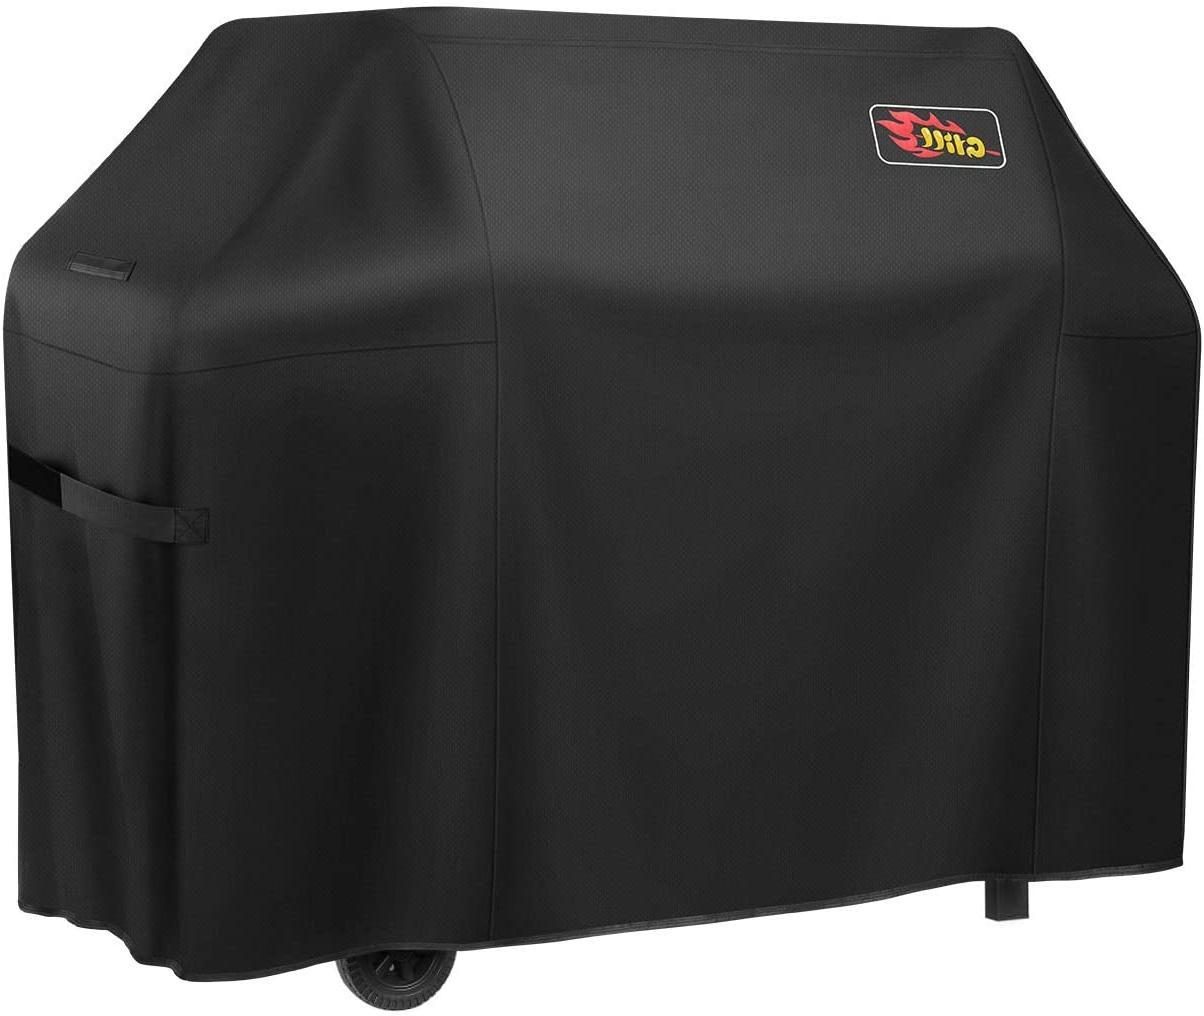 heavy duty 72 inch waterproof bbq cover